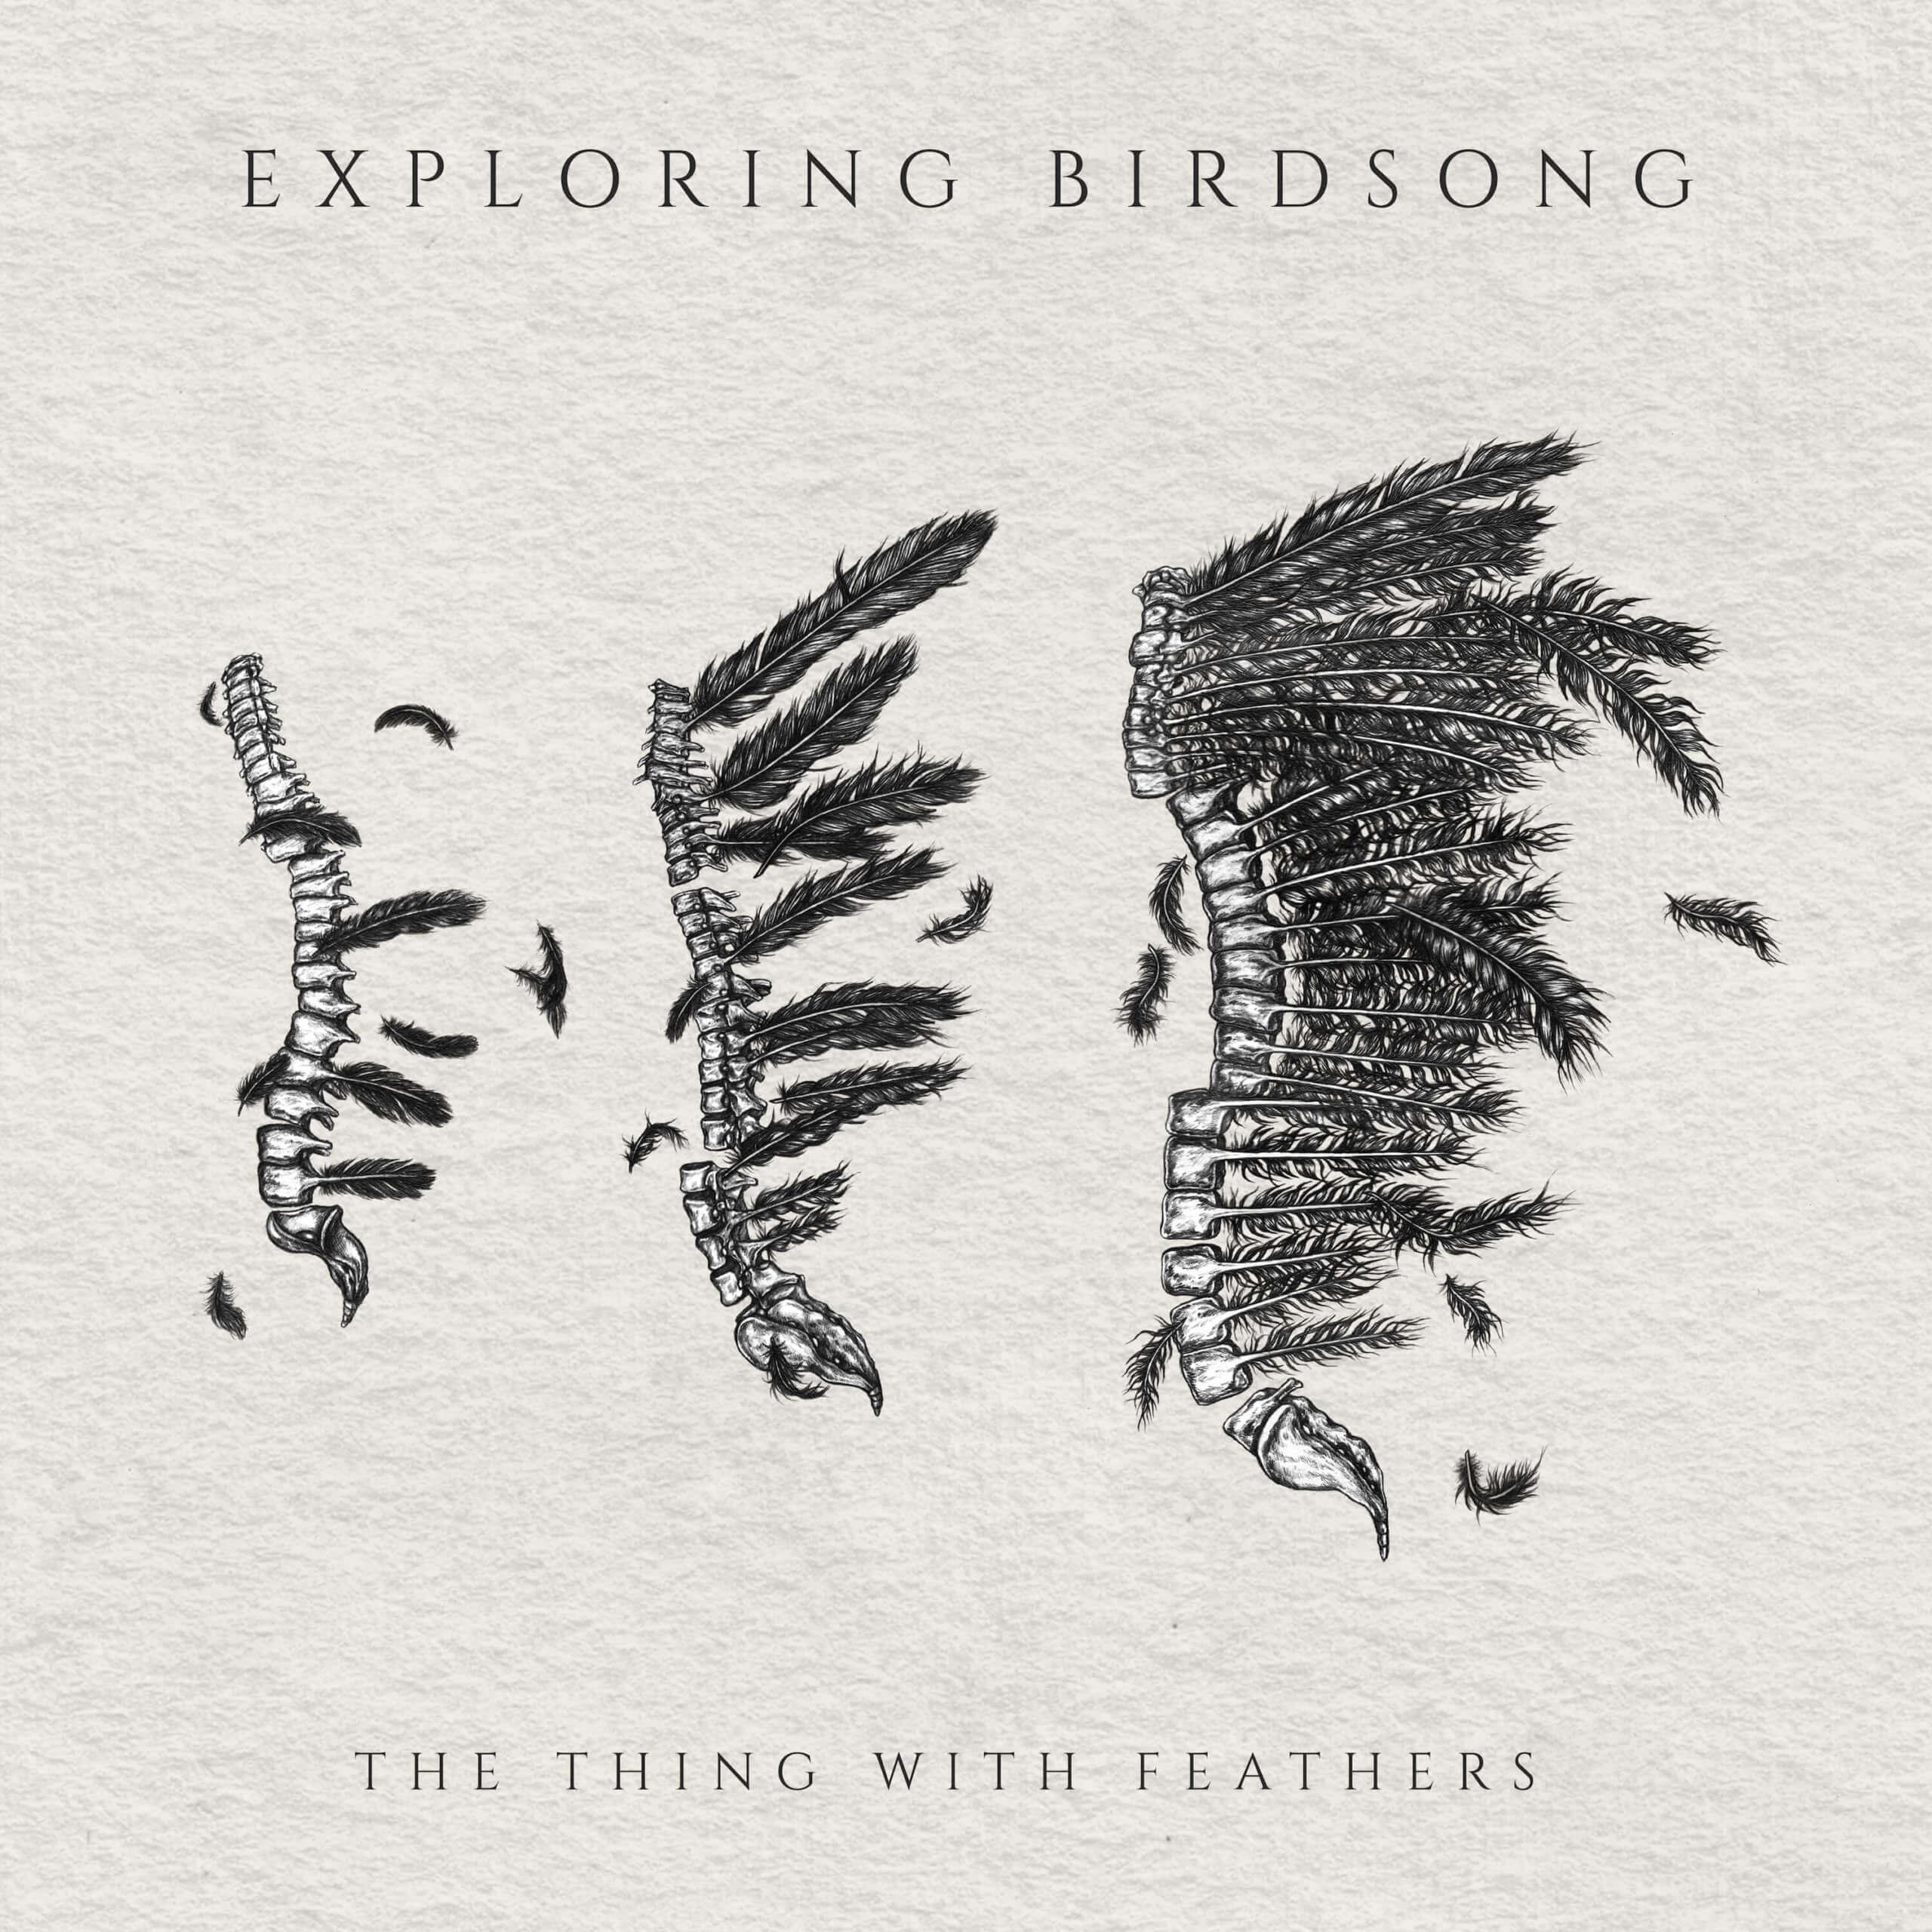 Exploring Birdsong